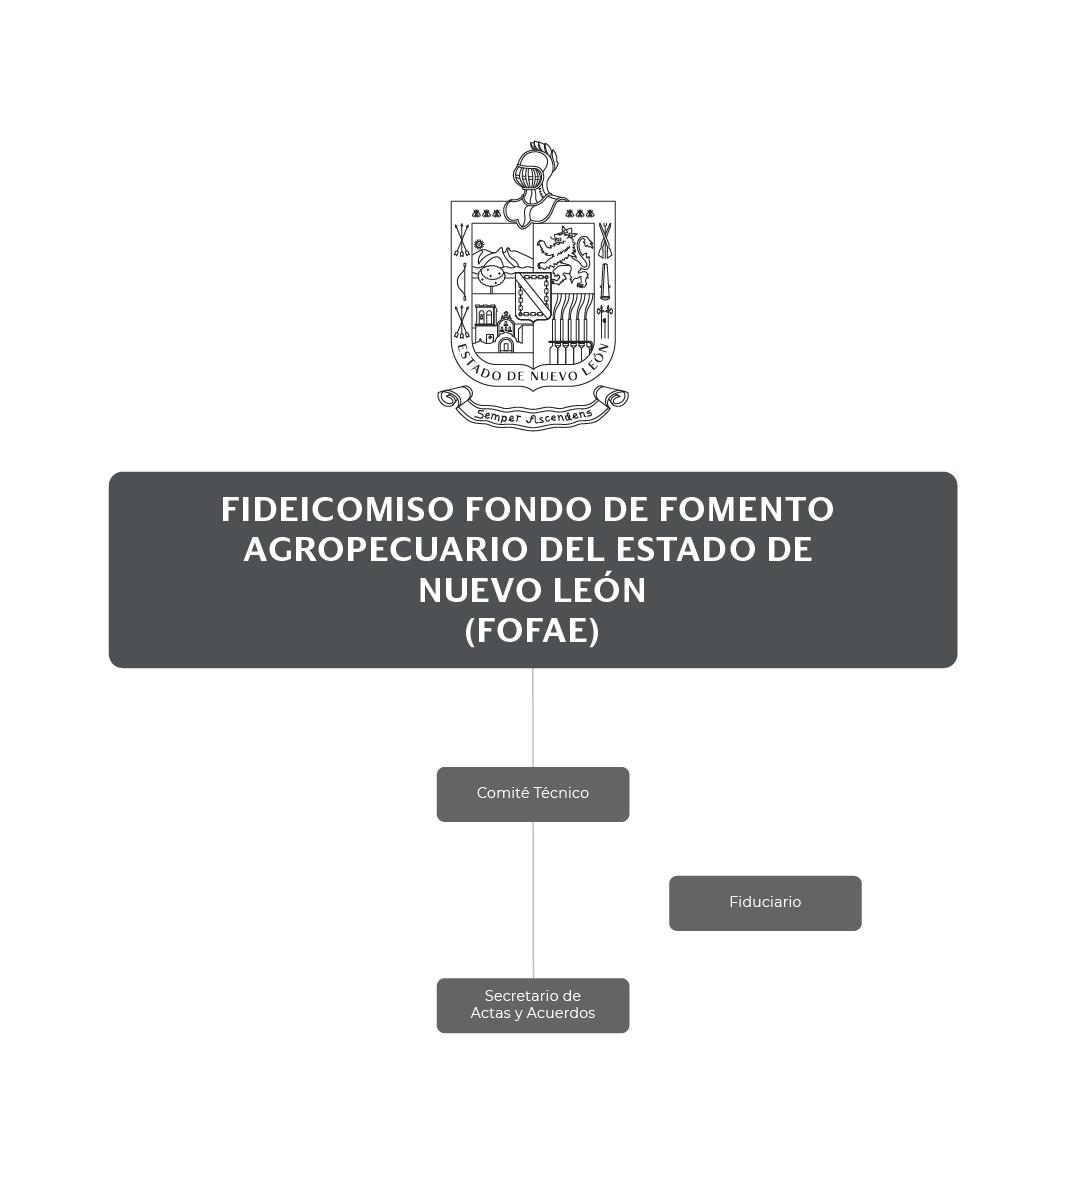 Organigrama del Fideicomiso Fondo de Fomento Agropecuario del Estado de Nuevo León (FOFAE)